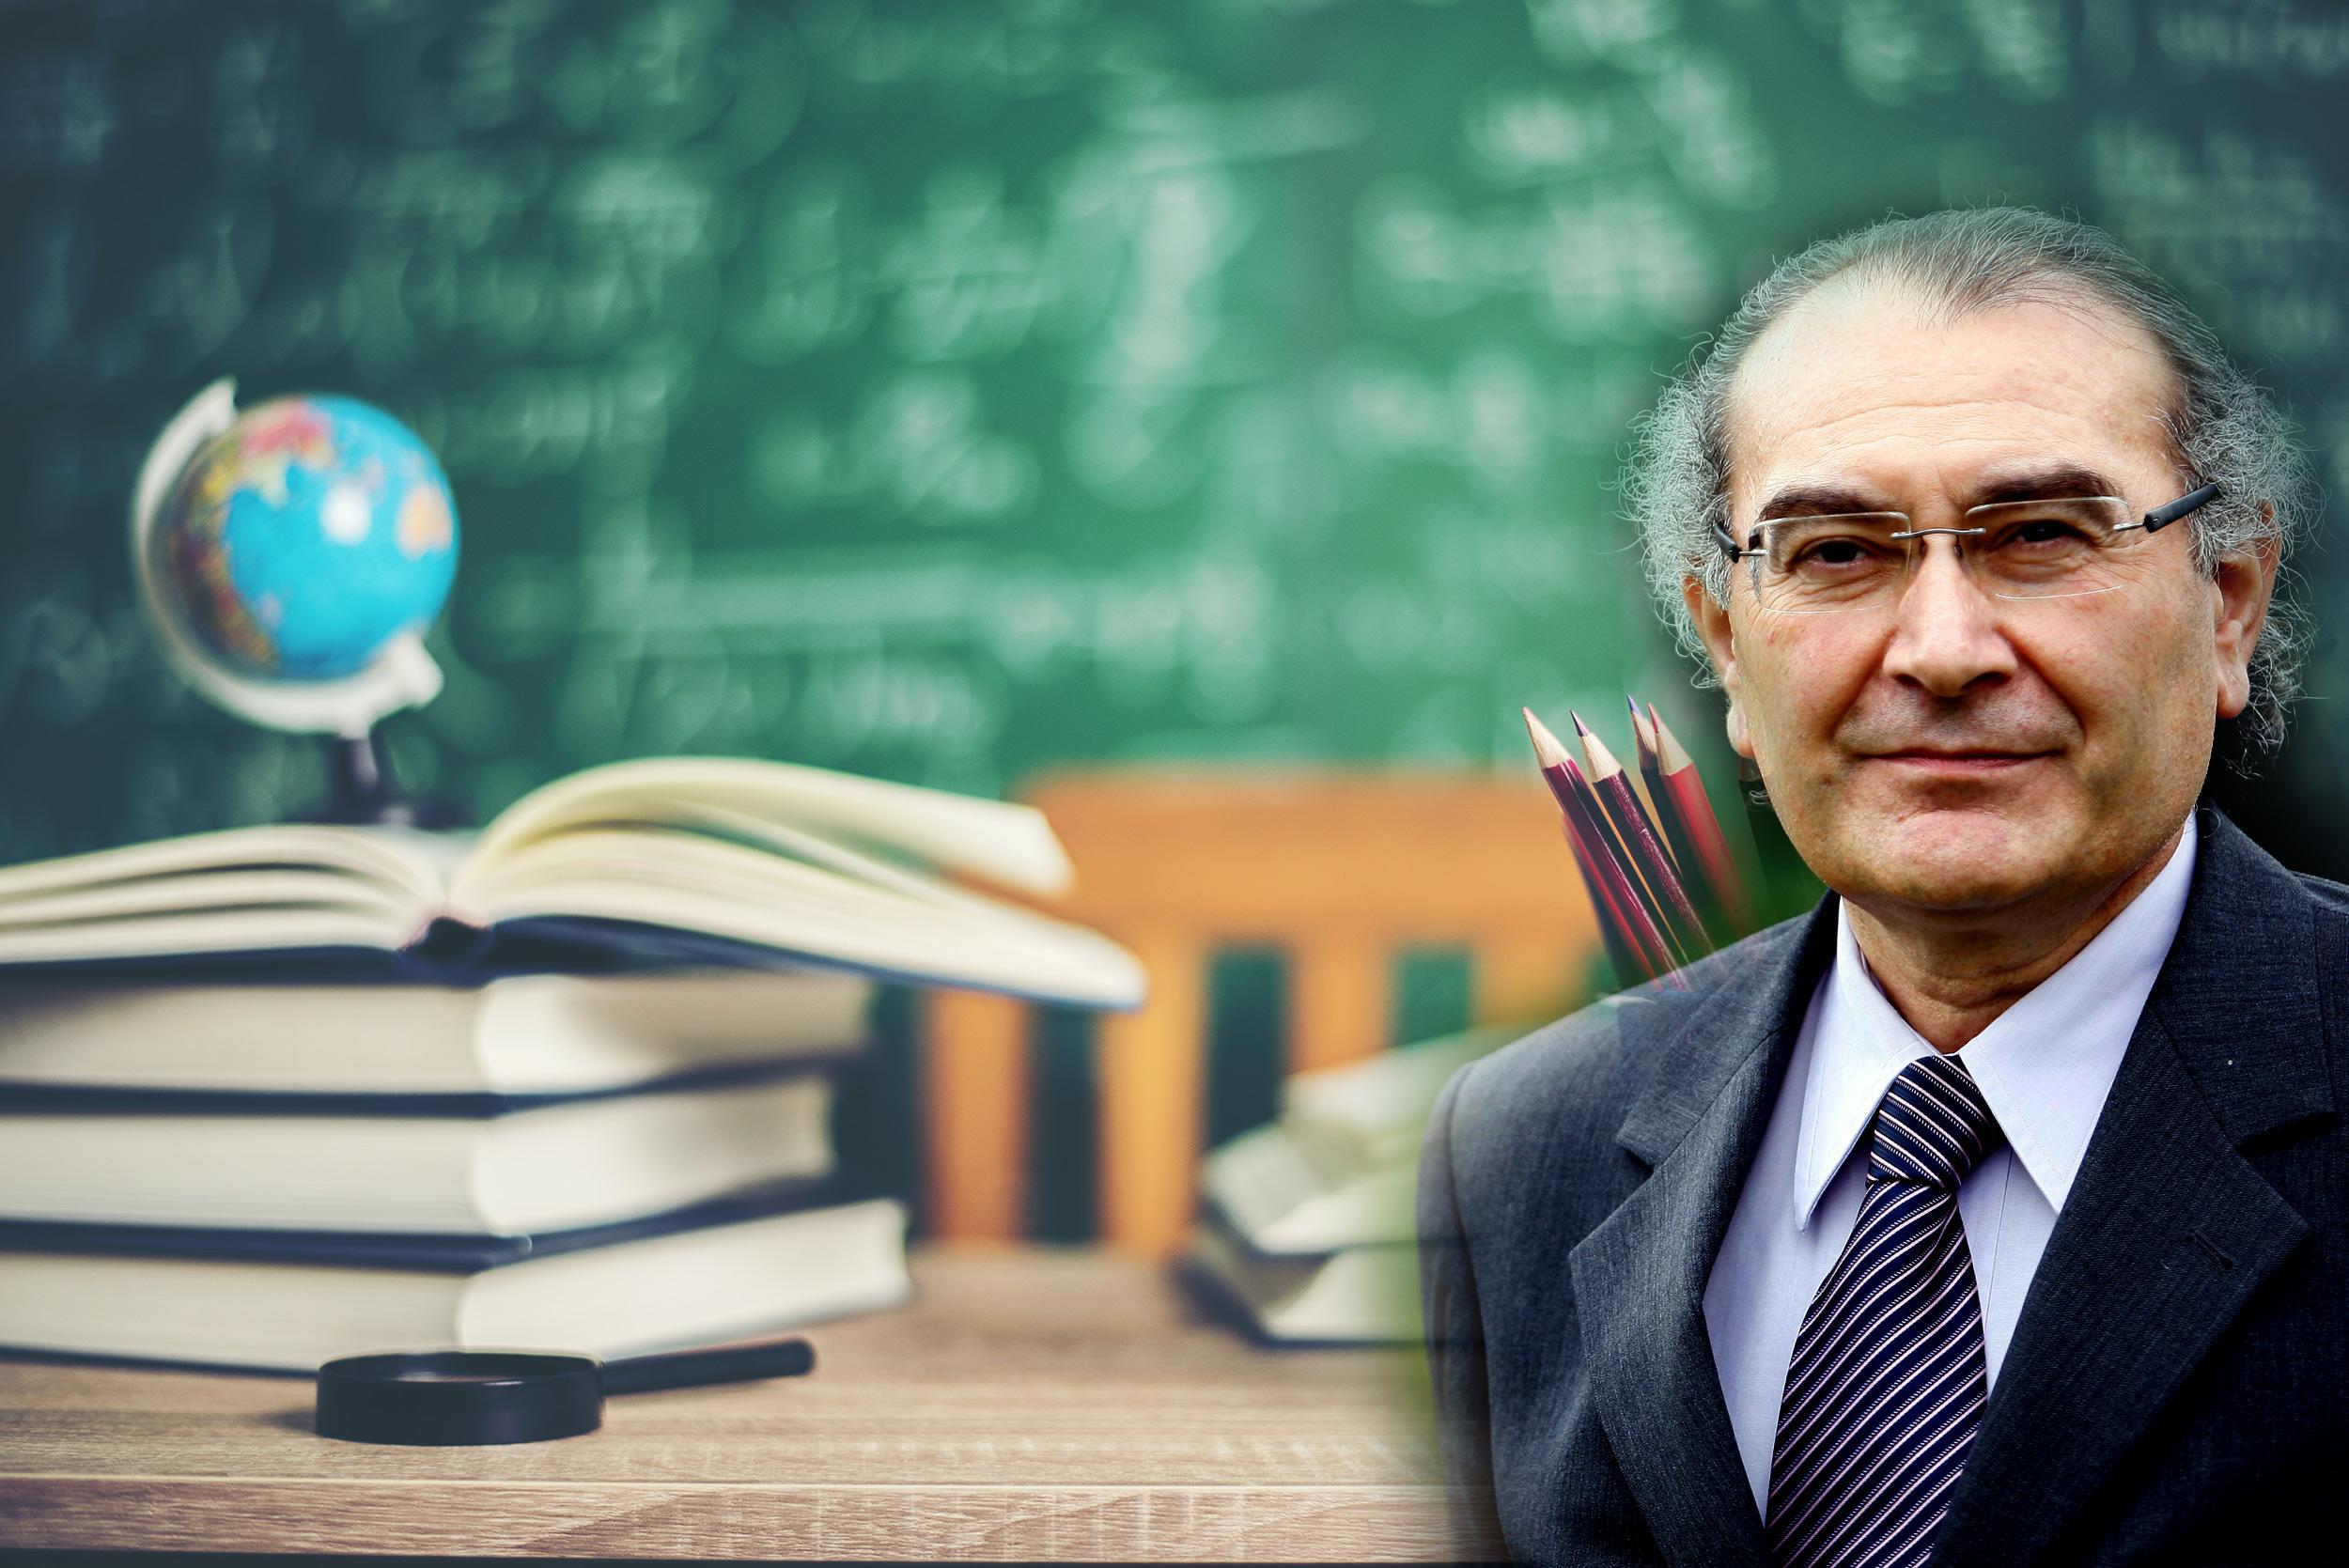 BAŞARI İÇİN İHTİMAL İKLİMİ ŞART! / Prof. Dr. Nevzat Tarhan